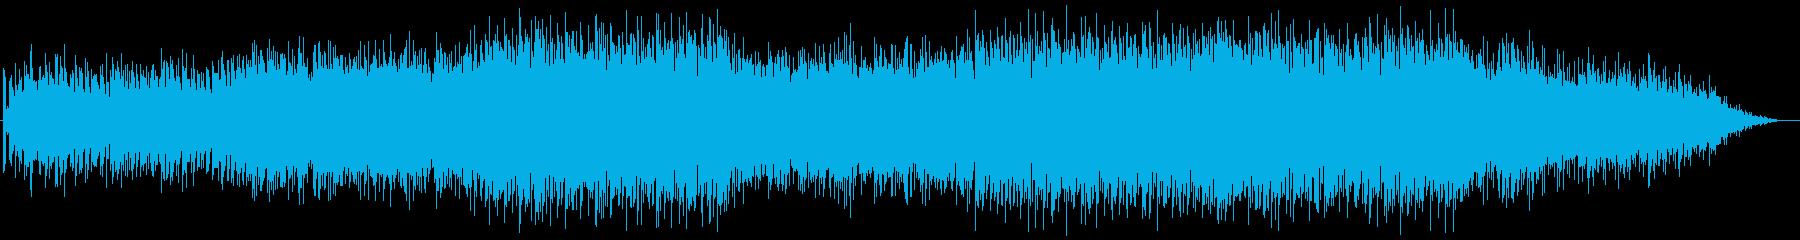 【PV】進化するテクノロジーの再生済みの波形